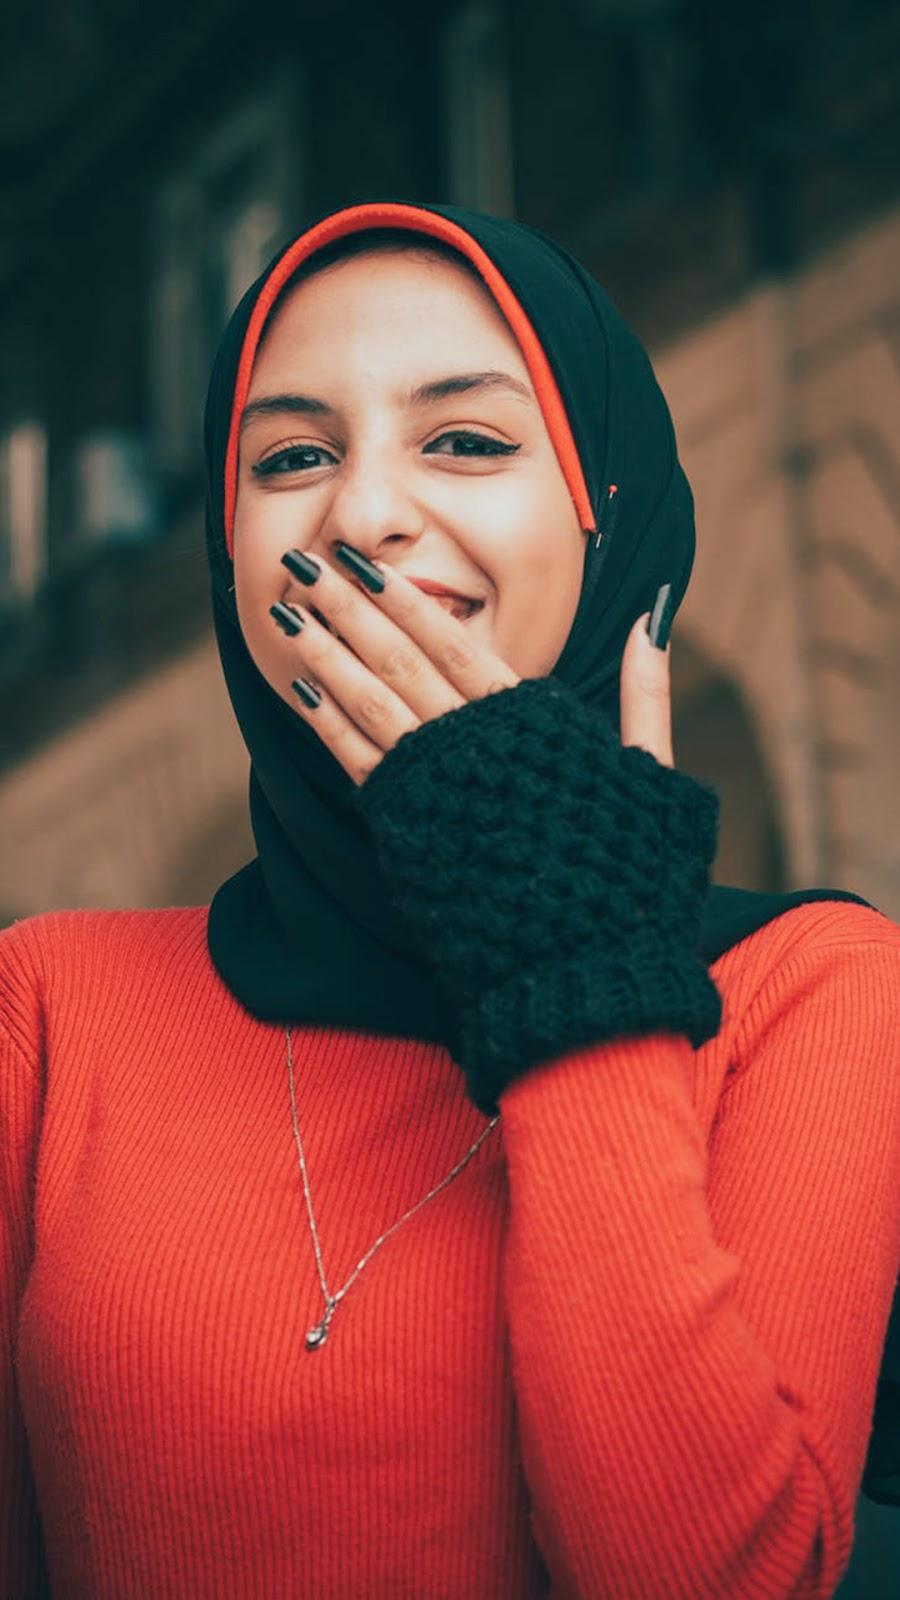 jilbab kekinian cantik dan imut